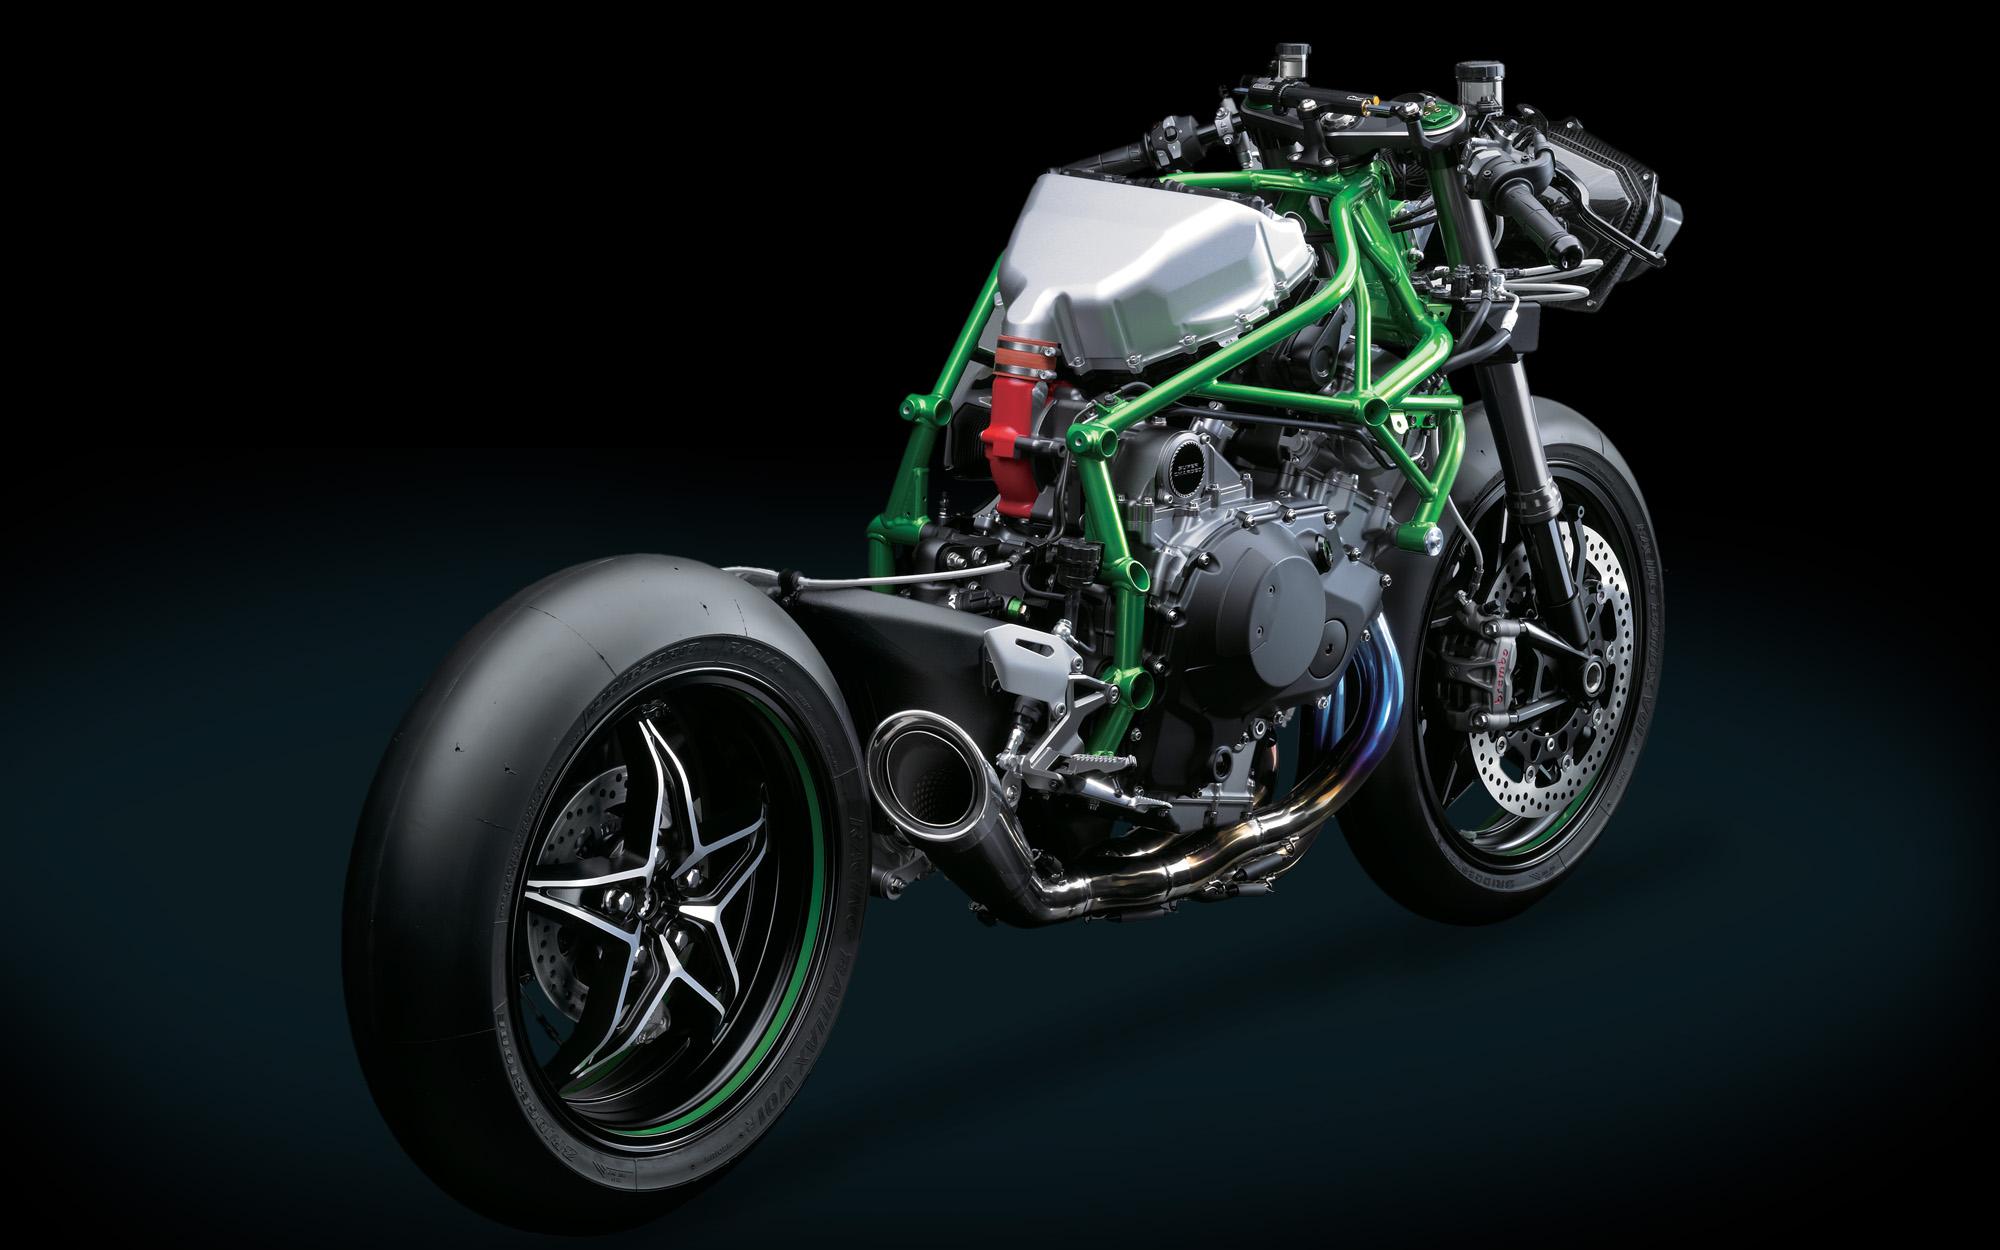 Kawasaki Ninja H2r Makes 300 Horsepower Revzilla The Fuel Filter On Hhr